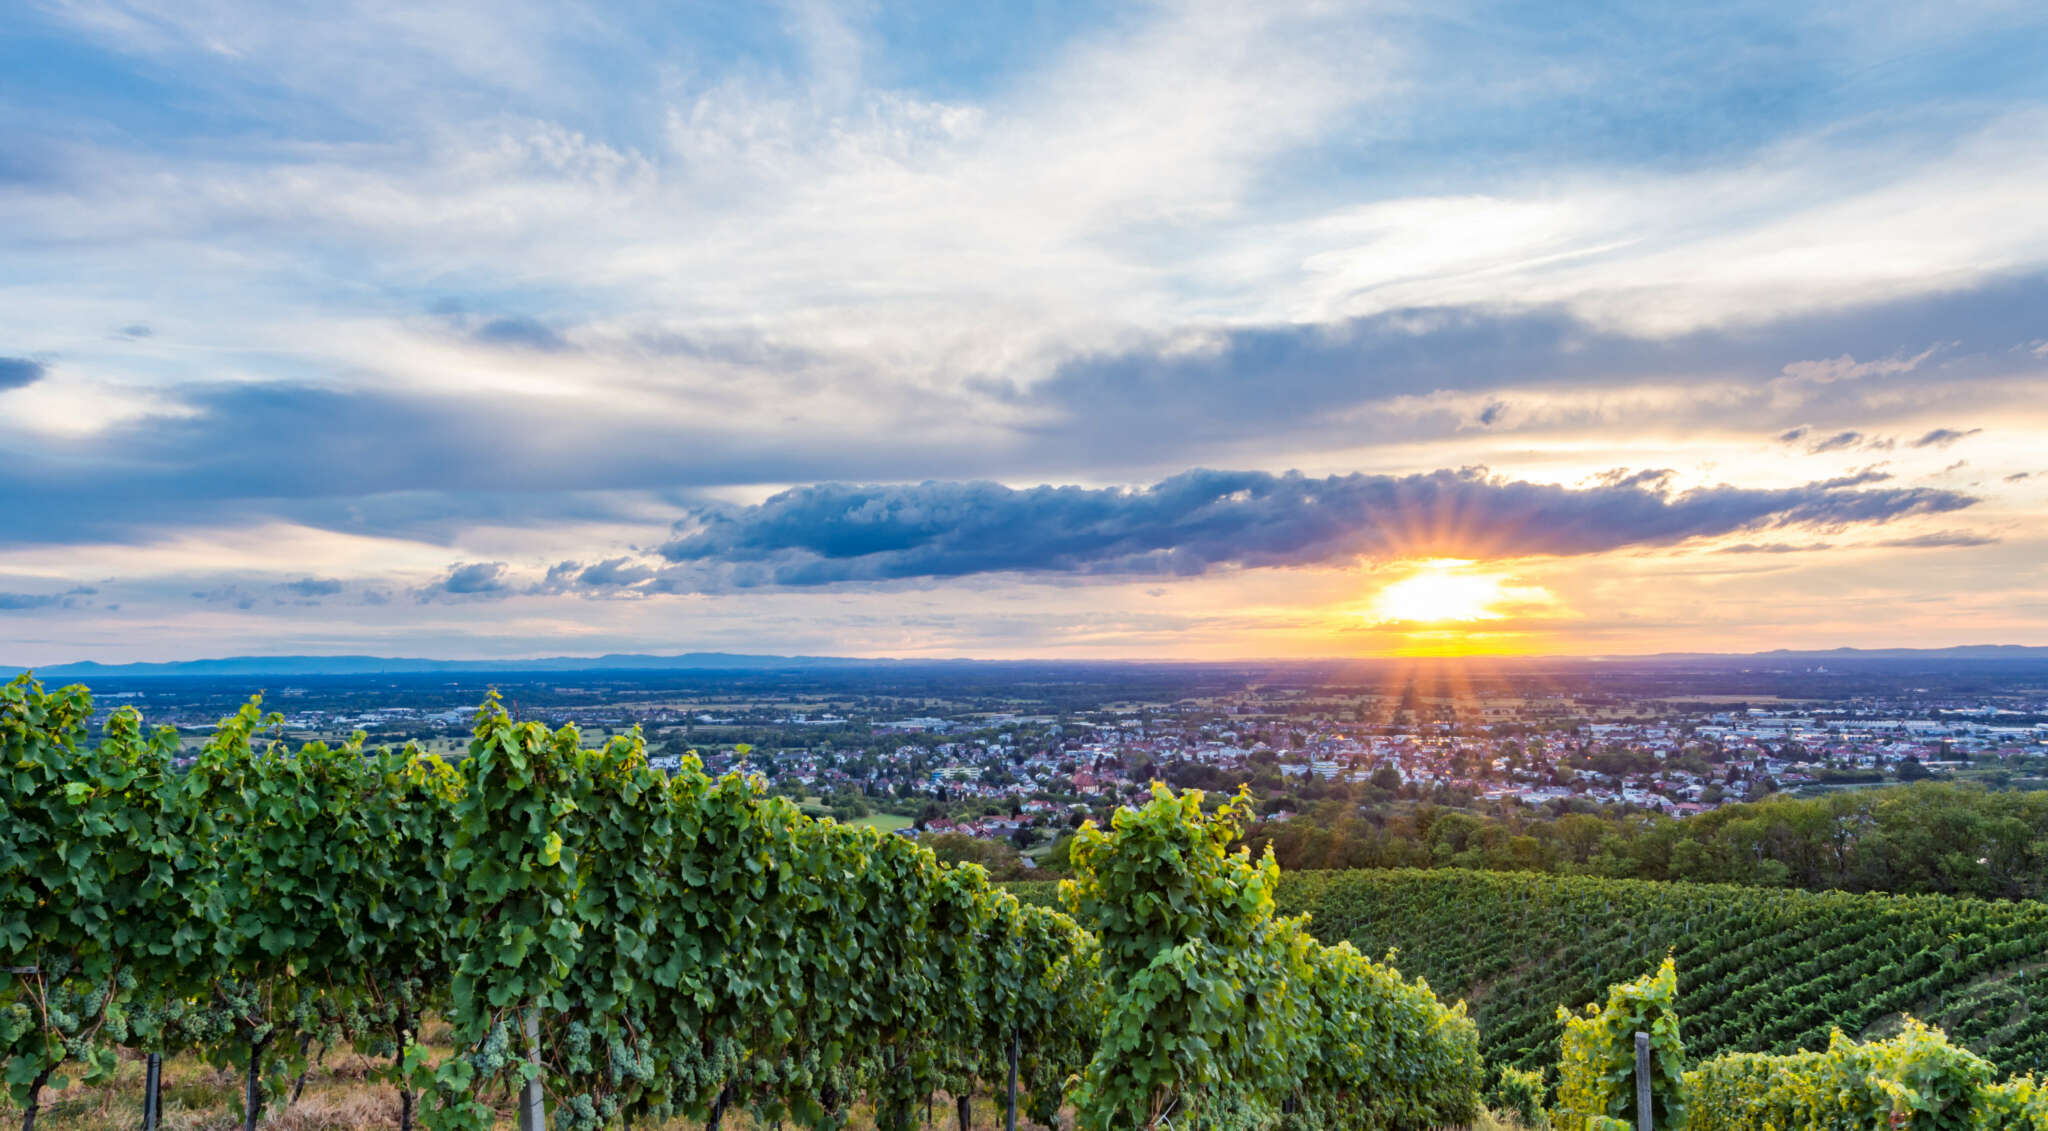 Sonnenuntergang über Bühl in den Weinbergen Bühlertals